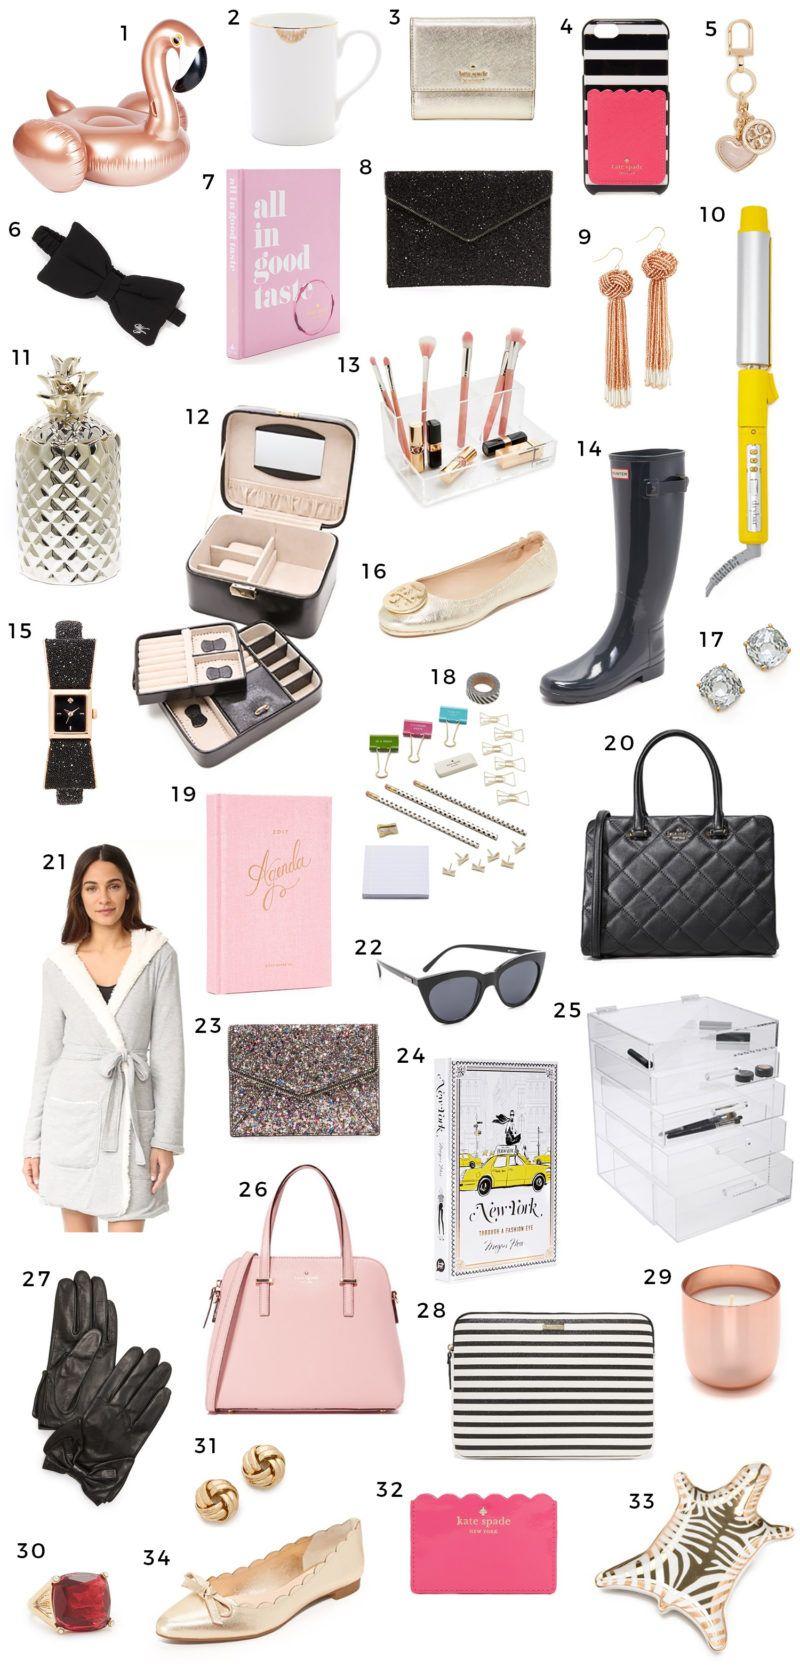 Christmas Gift Ideas for Women: Girly Girls | brinley | Pinterest ...